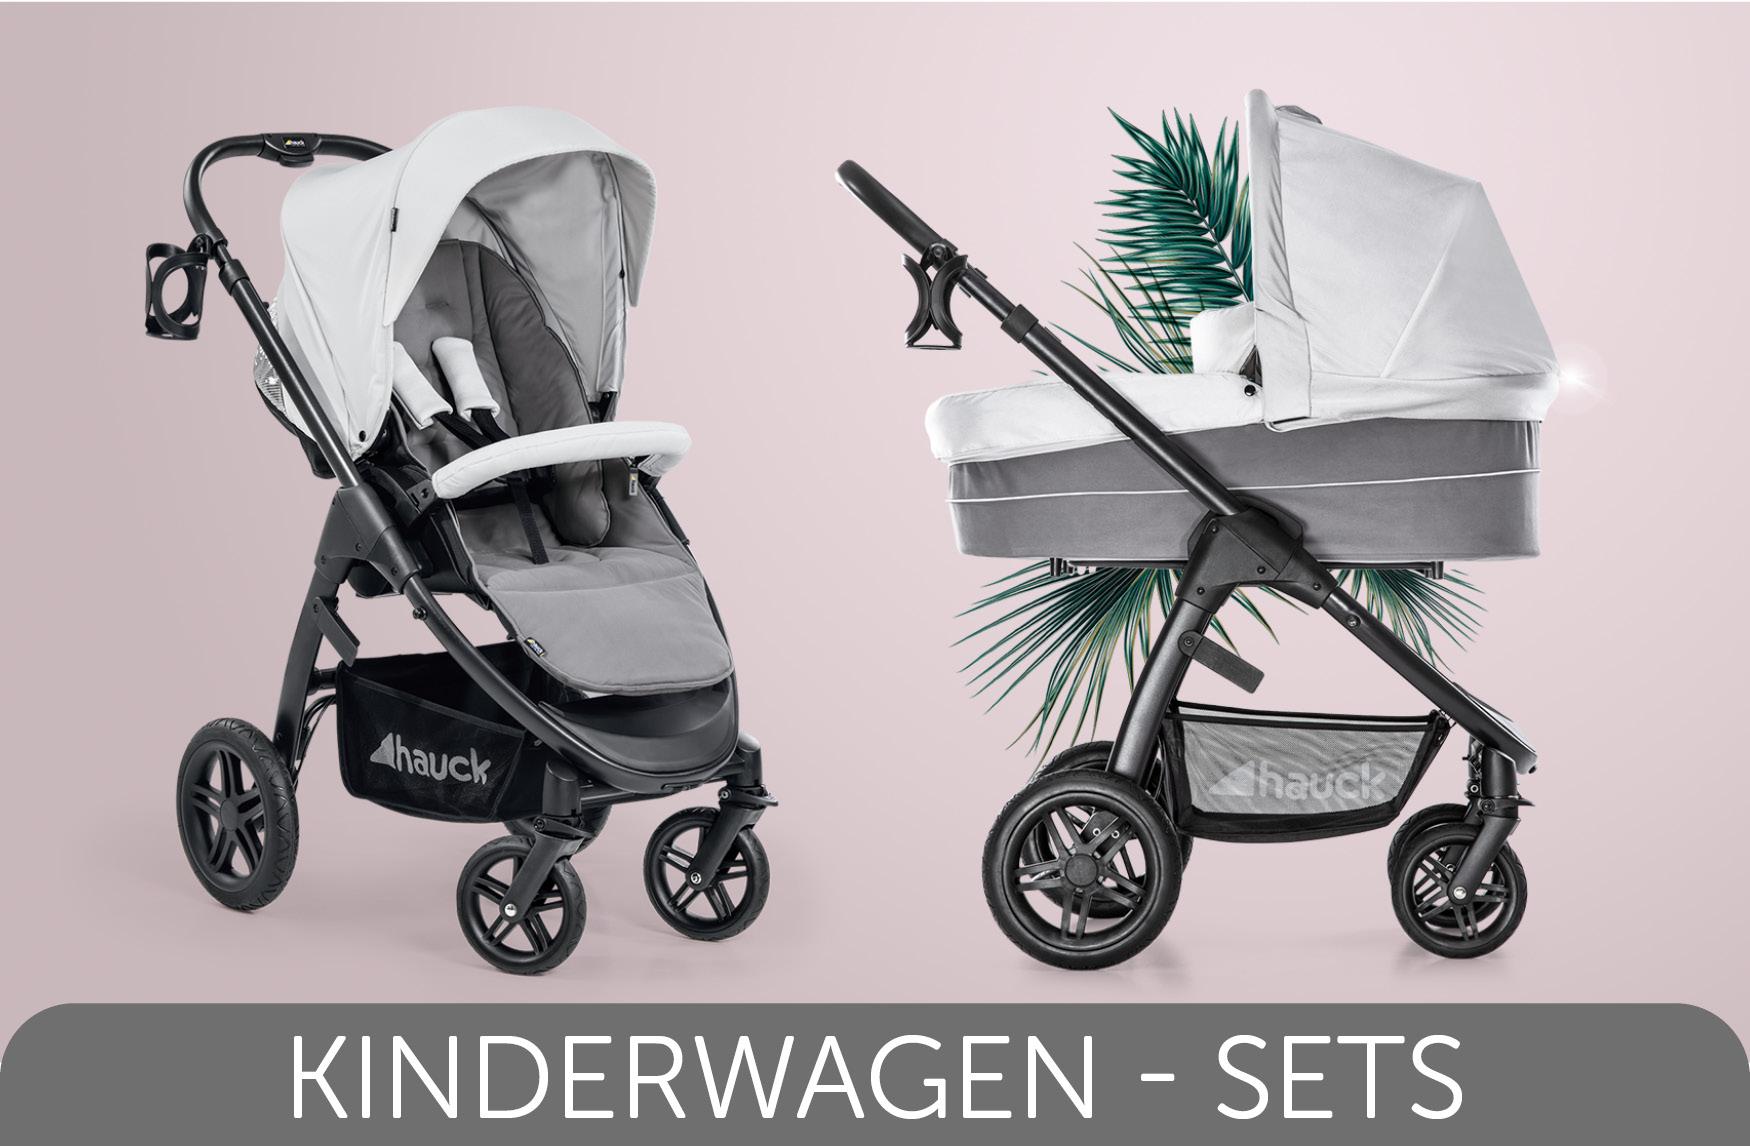 Hauck Kinderwagen - Sets